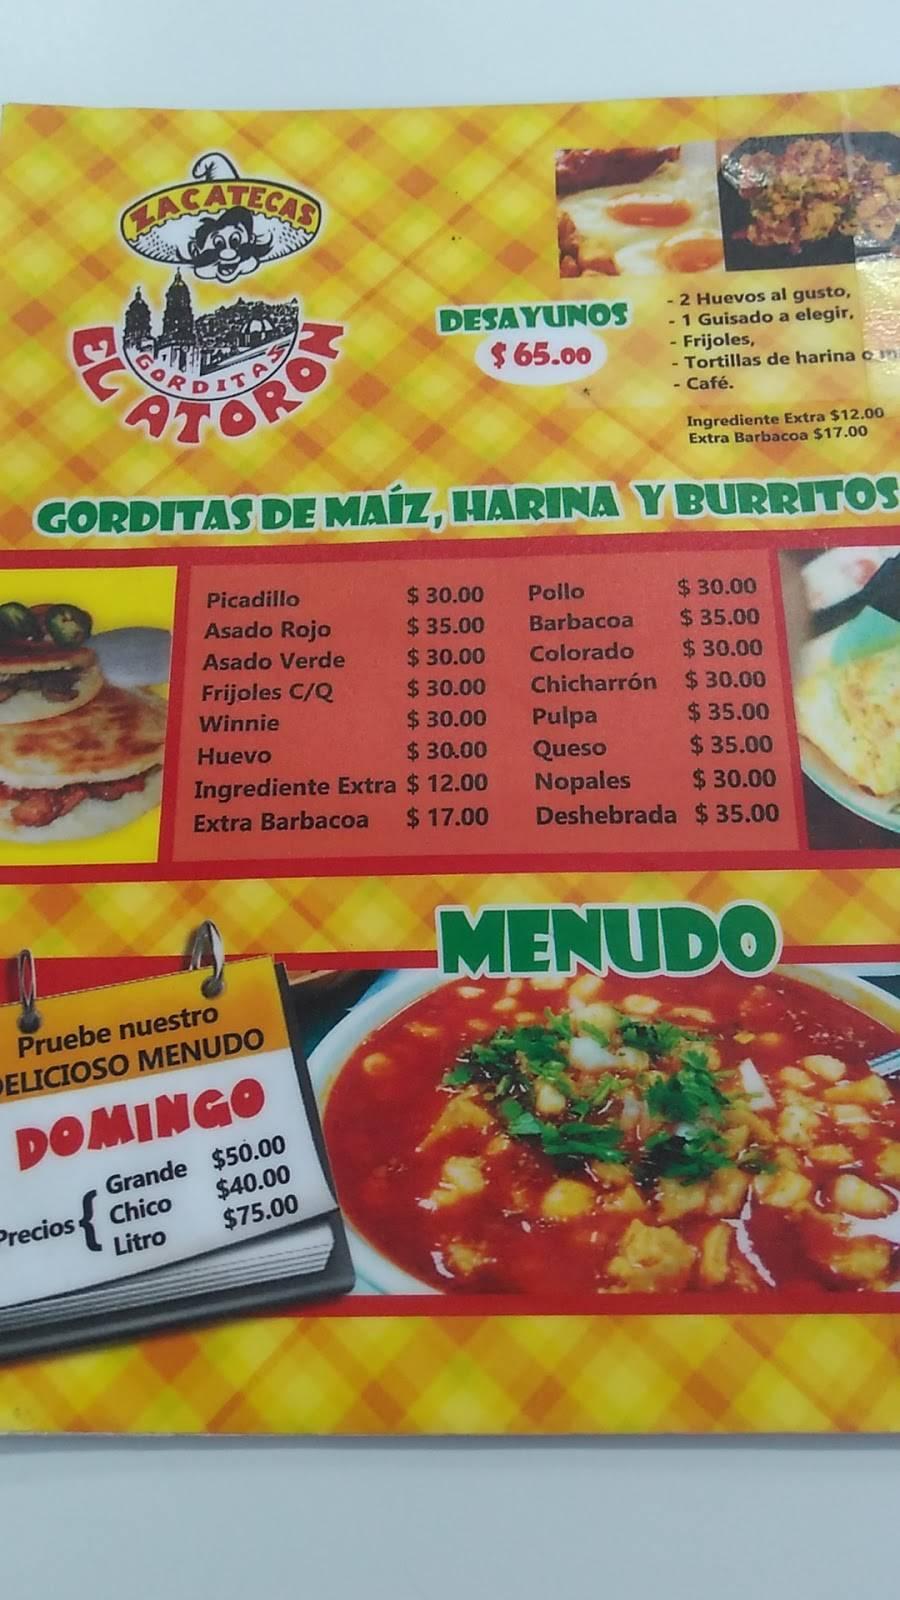 Gorditas El Atoron - restaurant  | Photo 3 of 10 | Address: Calle Niños Héroes, Av Reforma 1407, El Barreal, 32040 Cd Juárez, Chih., Mexico | Phone: 656 375 0476